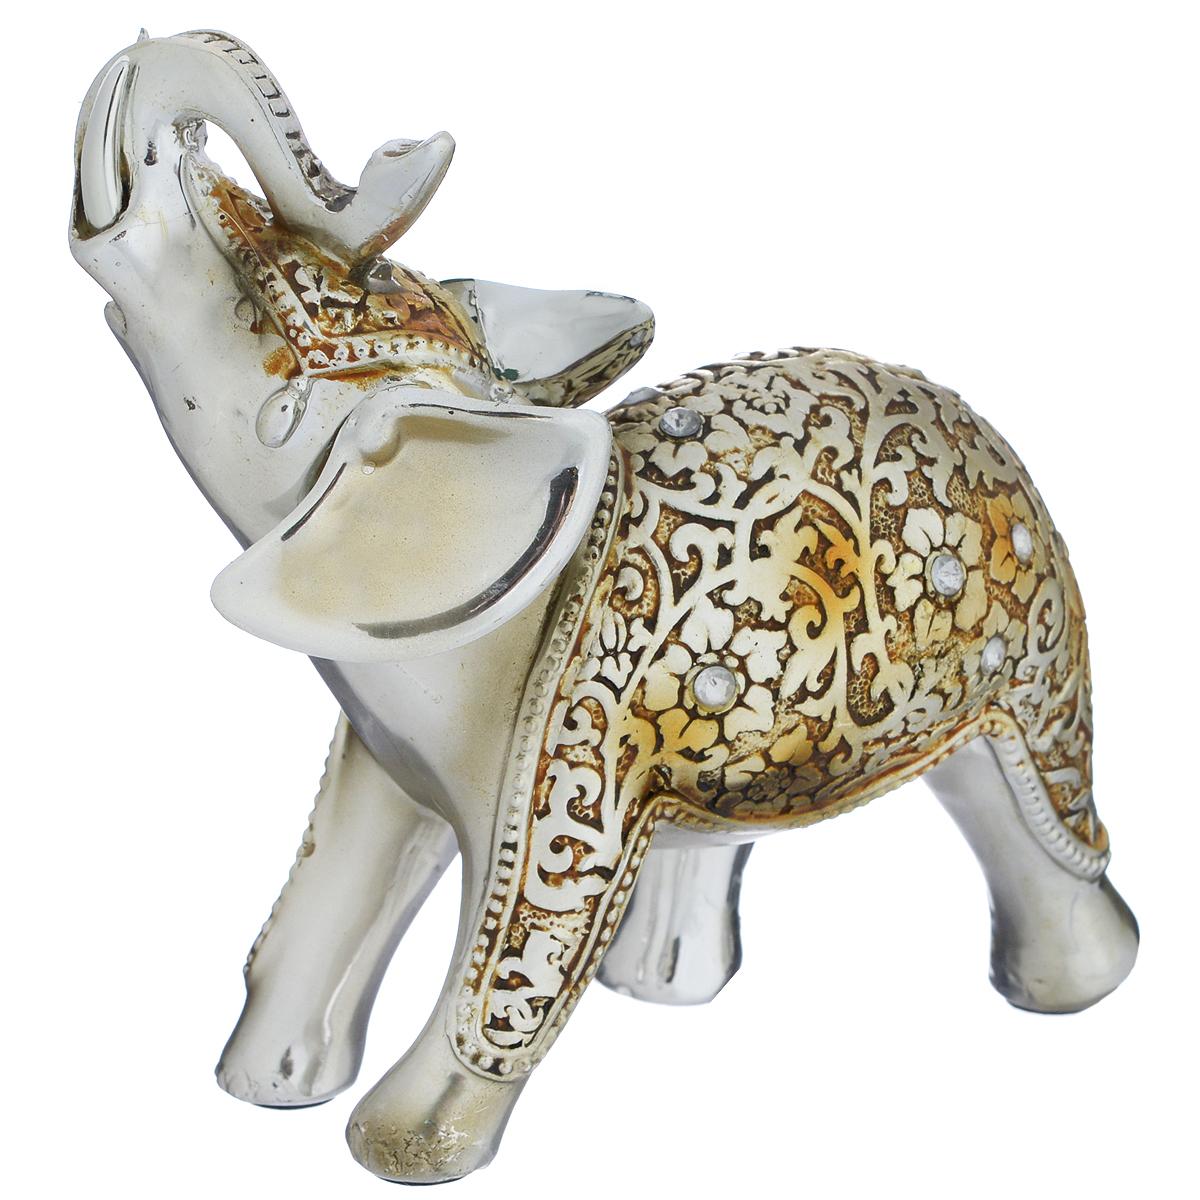 Фигурка декоративная Molento Нарядный слон, высота 11 см549-098Декоративная фигурка Molento Нарядный слон, изготовленная из полистоуна, выполнена в виде слона и украшена рельефным рисунком и стразами. Такая фигурка станет отличным дополнением к интерьеру. Вы можете поставить фигурку в любом месте, где она будет удачно смотреться, и радовать глаз. Кроме того, фигурка Нарядный слон станет чудесным сувениром для ваших друзей и близких. Размер фигурки: 11,5 см х 5 см х 11 см.